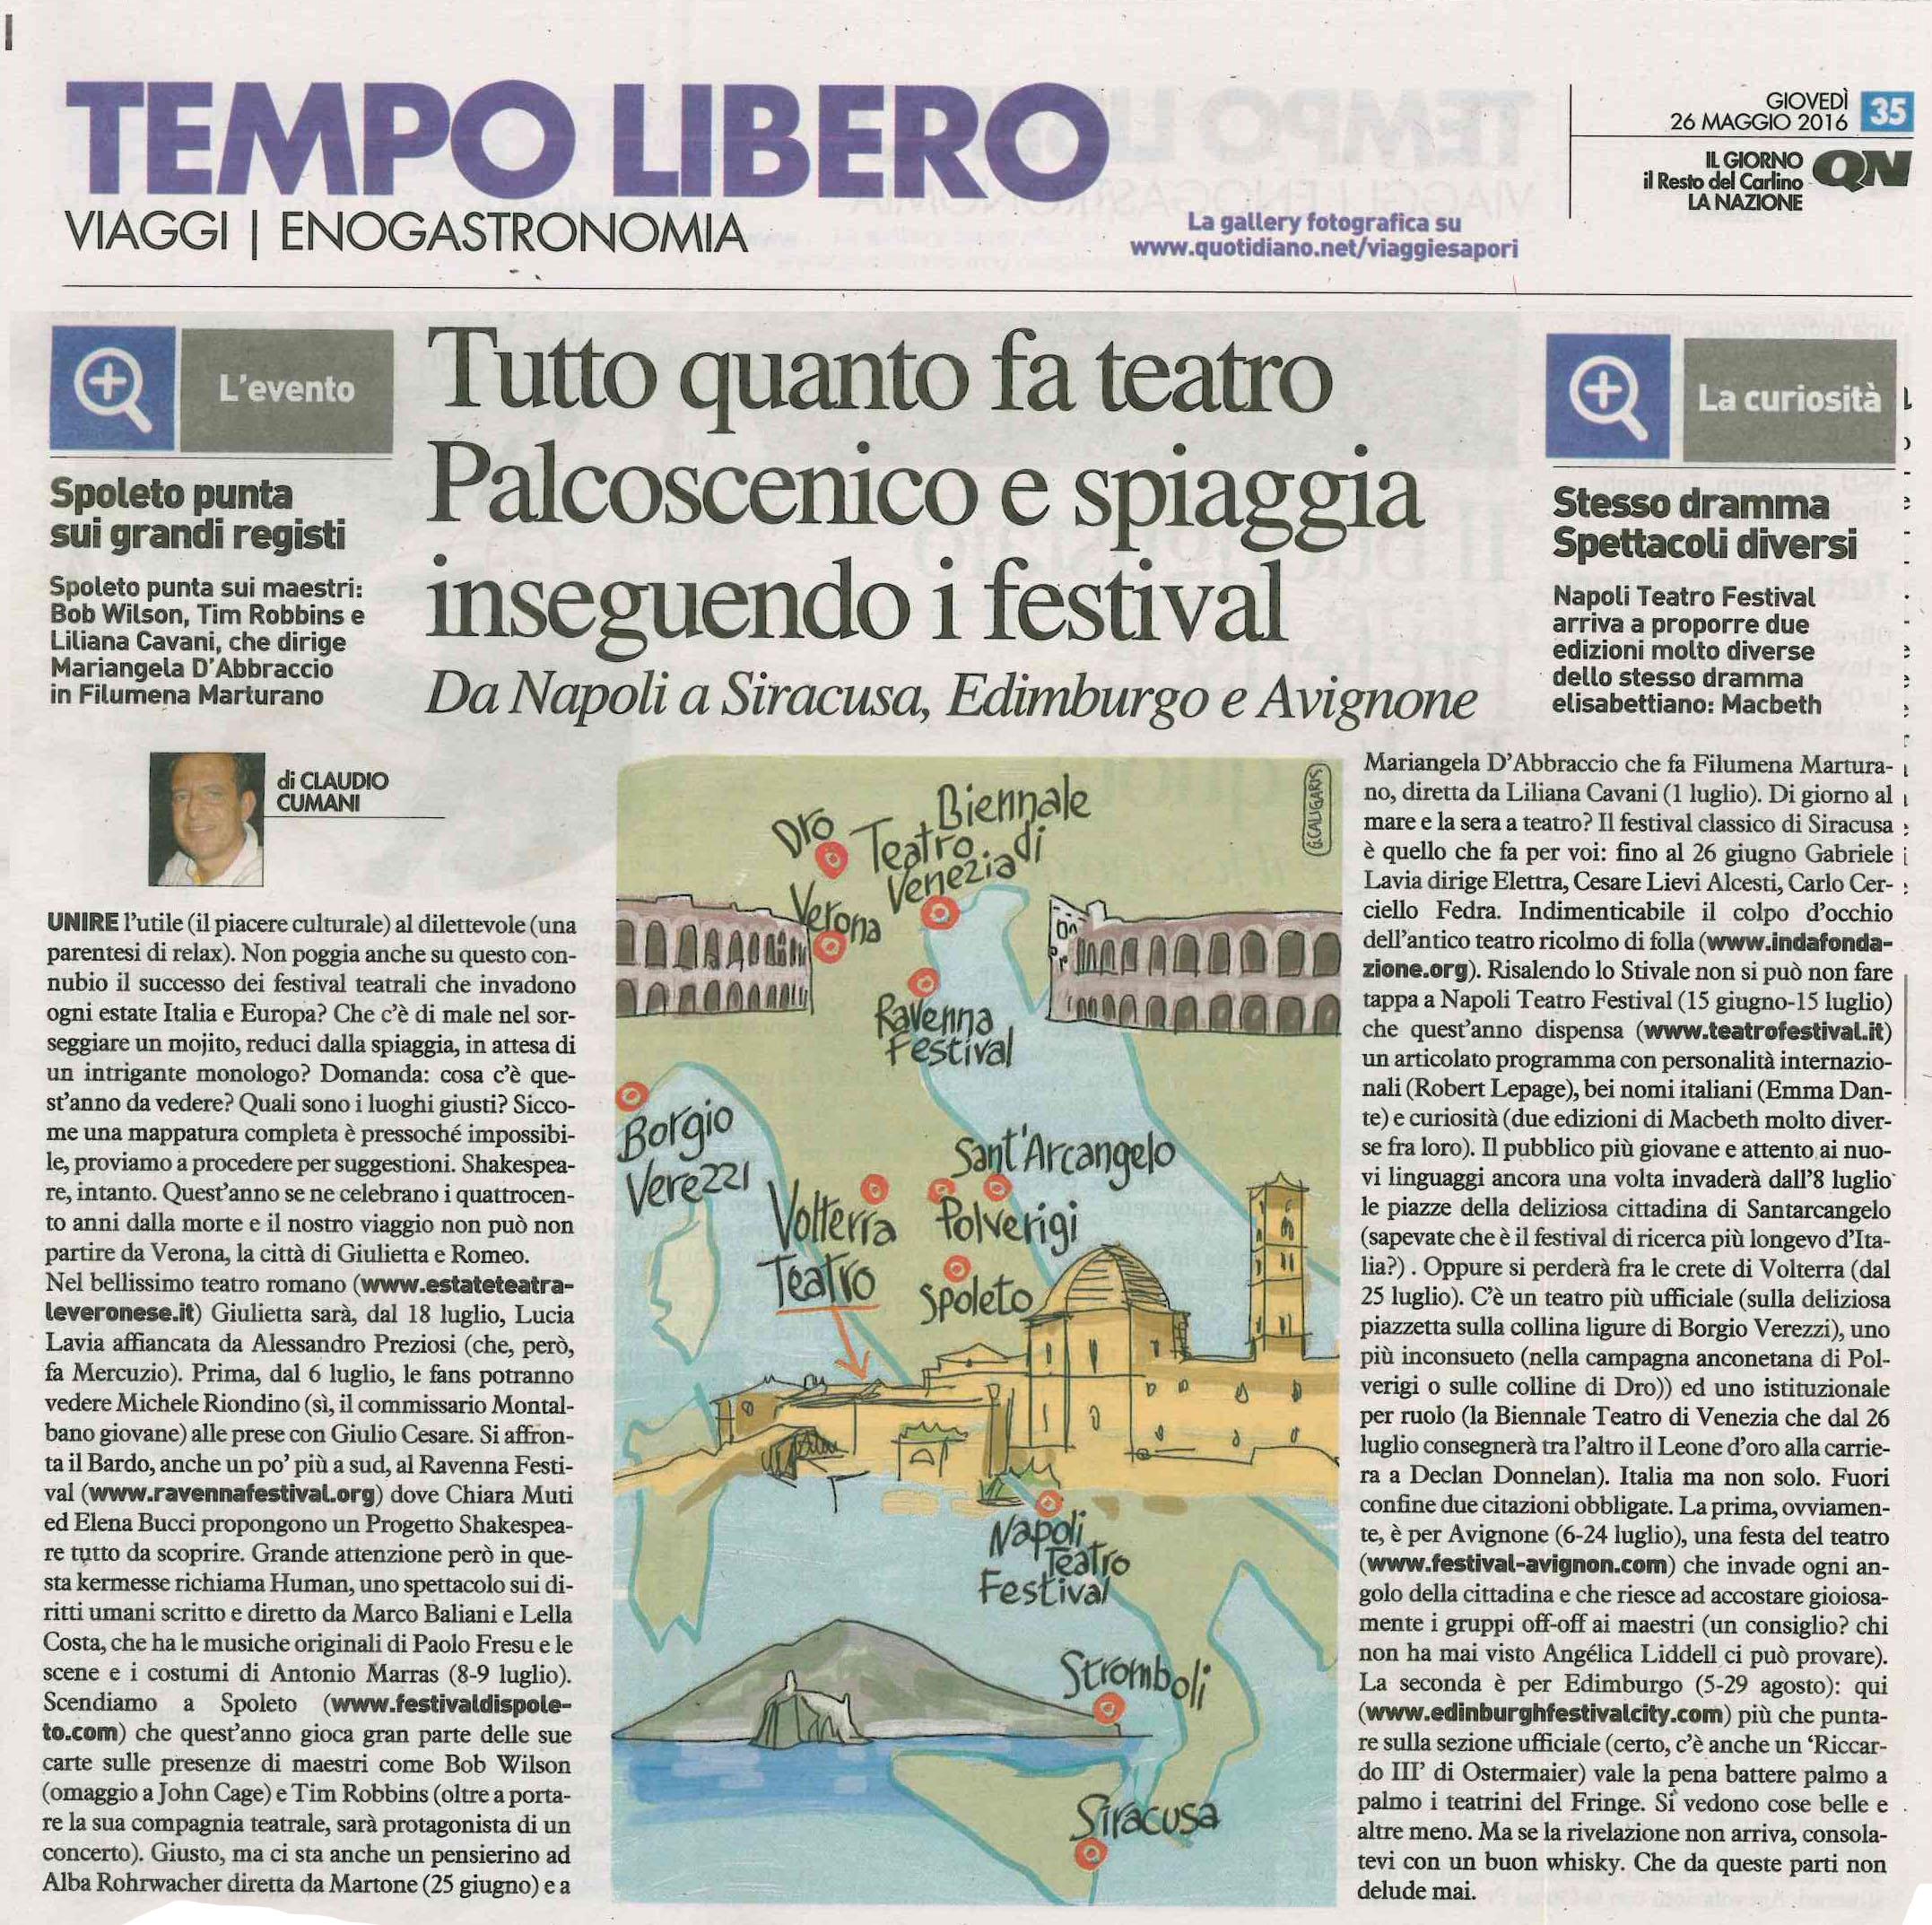 2016maggio26_tempo libero il resto del carlino_Tutto quanto fa teatro Palcoscenico e spiaggia inseguendo i festival